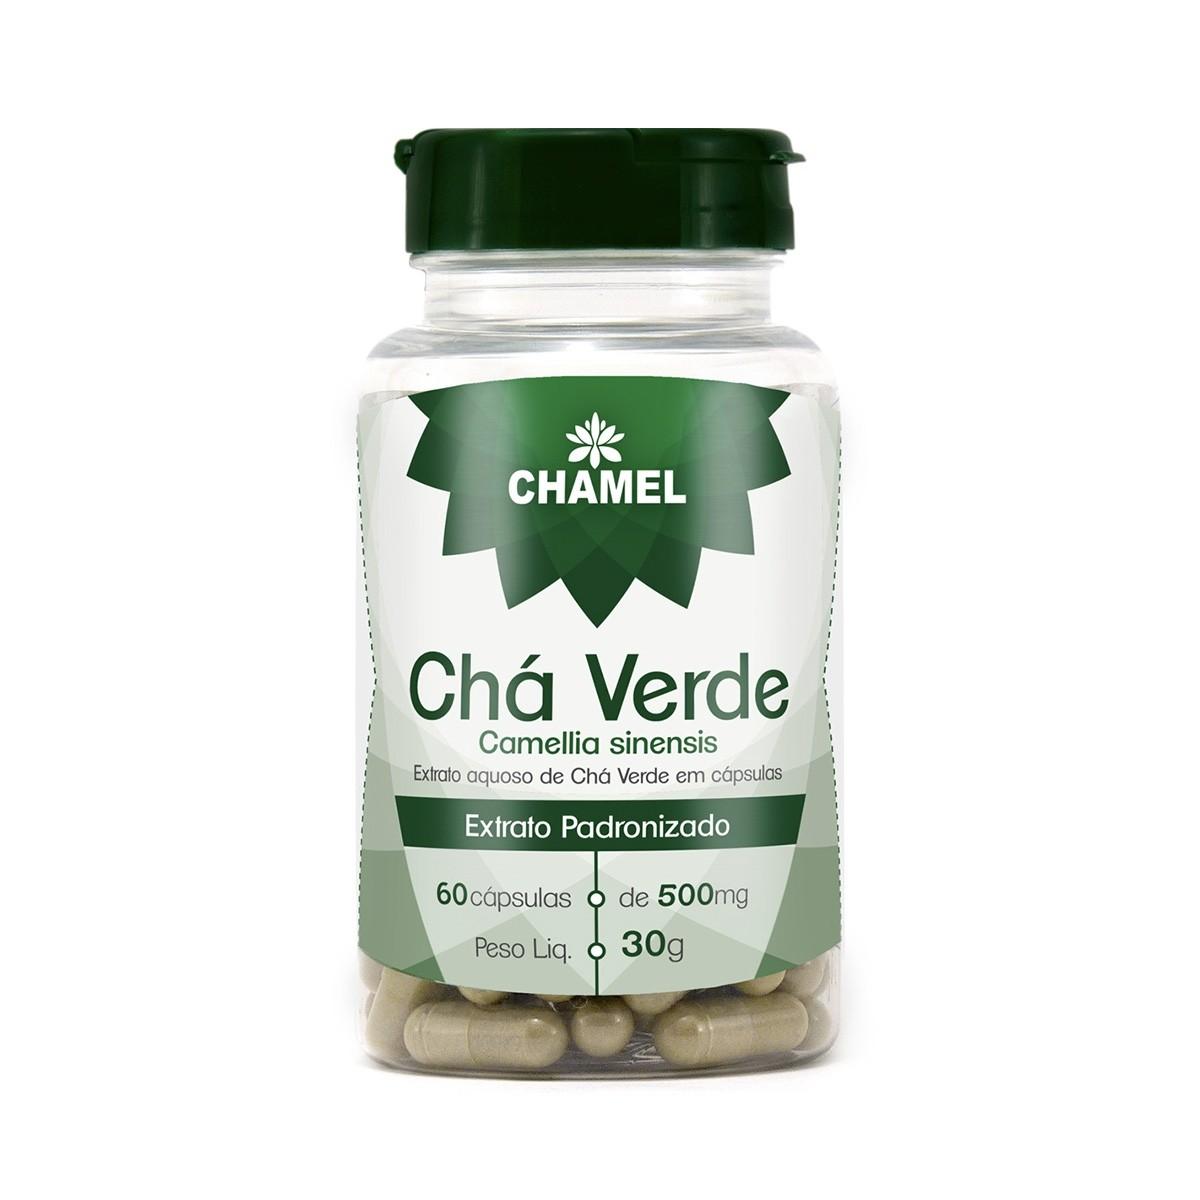 Chá Verde 500mg 60 Cápsulas - Chamel